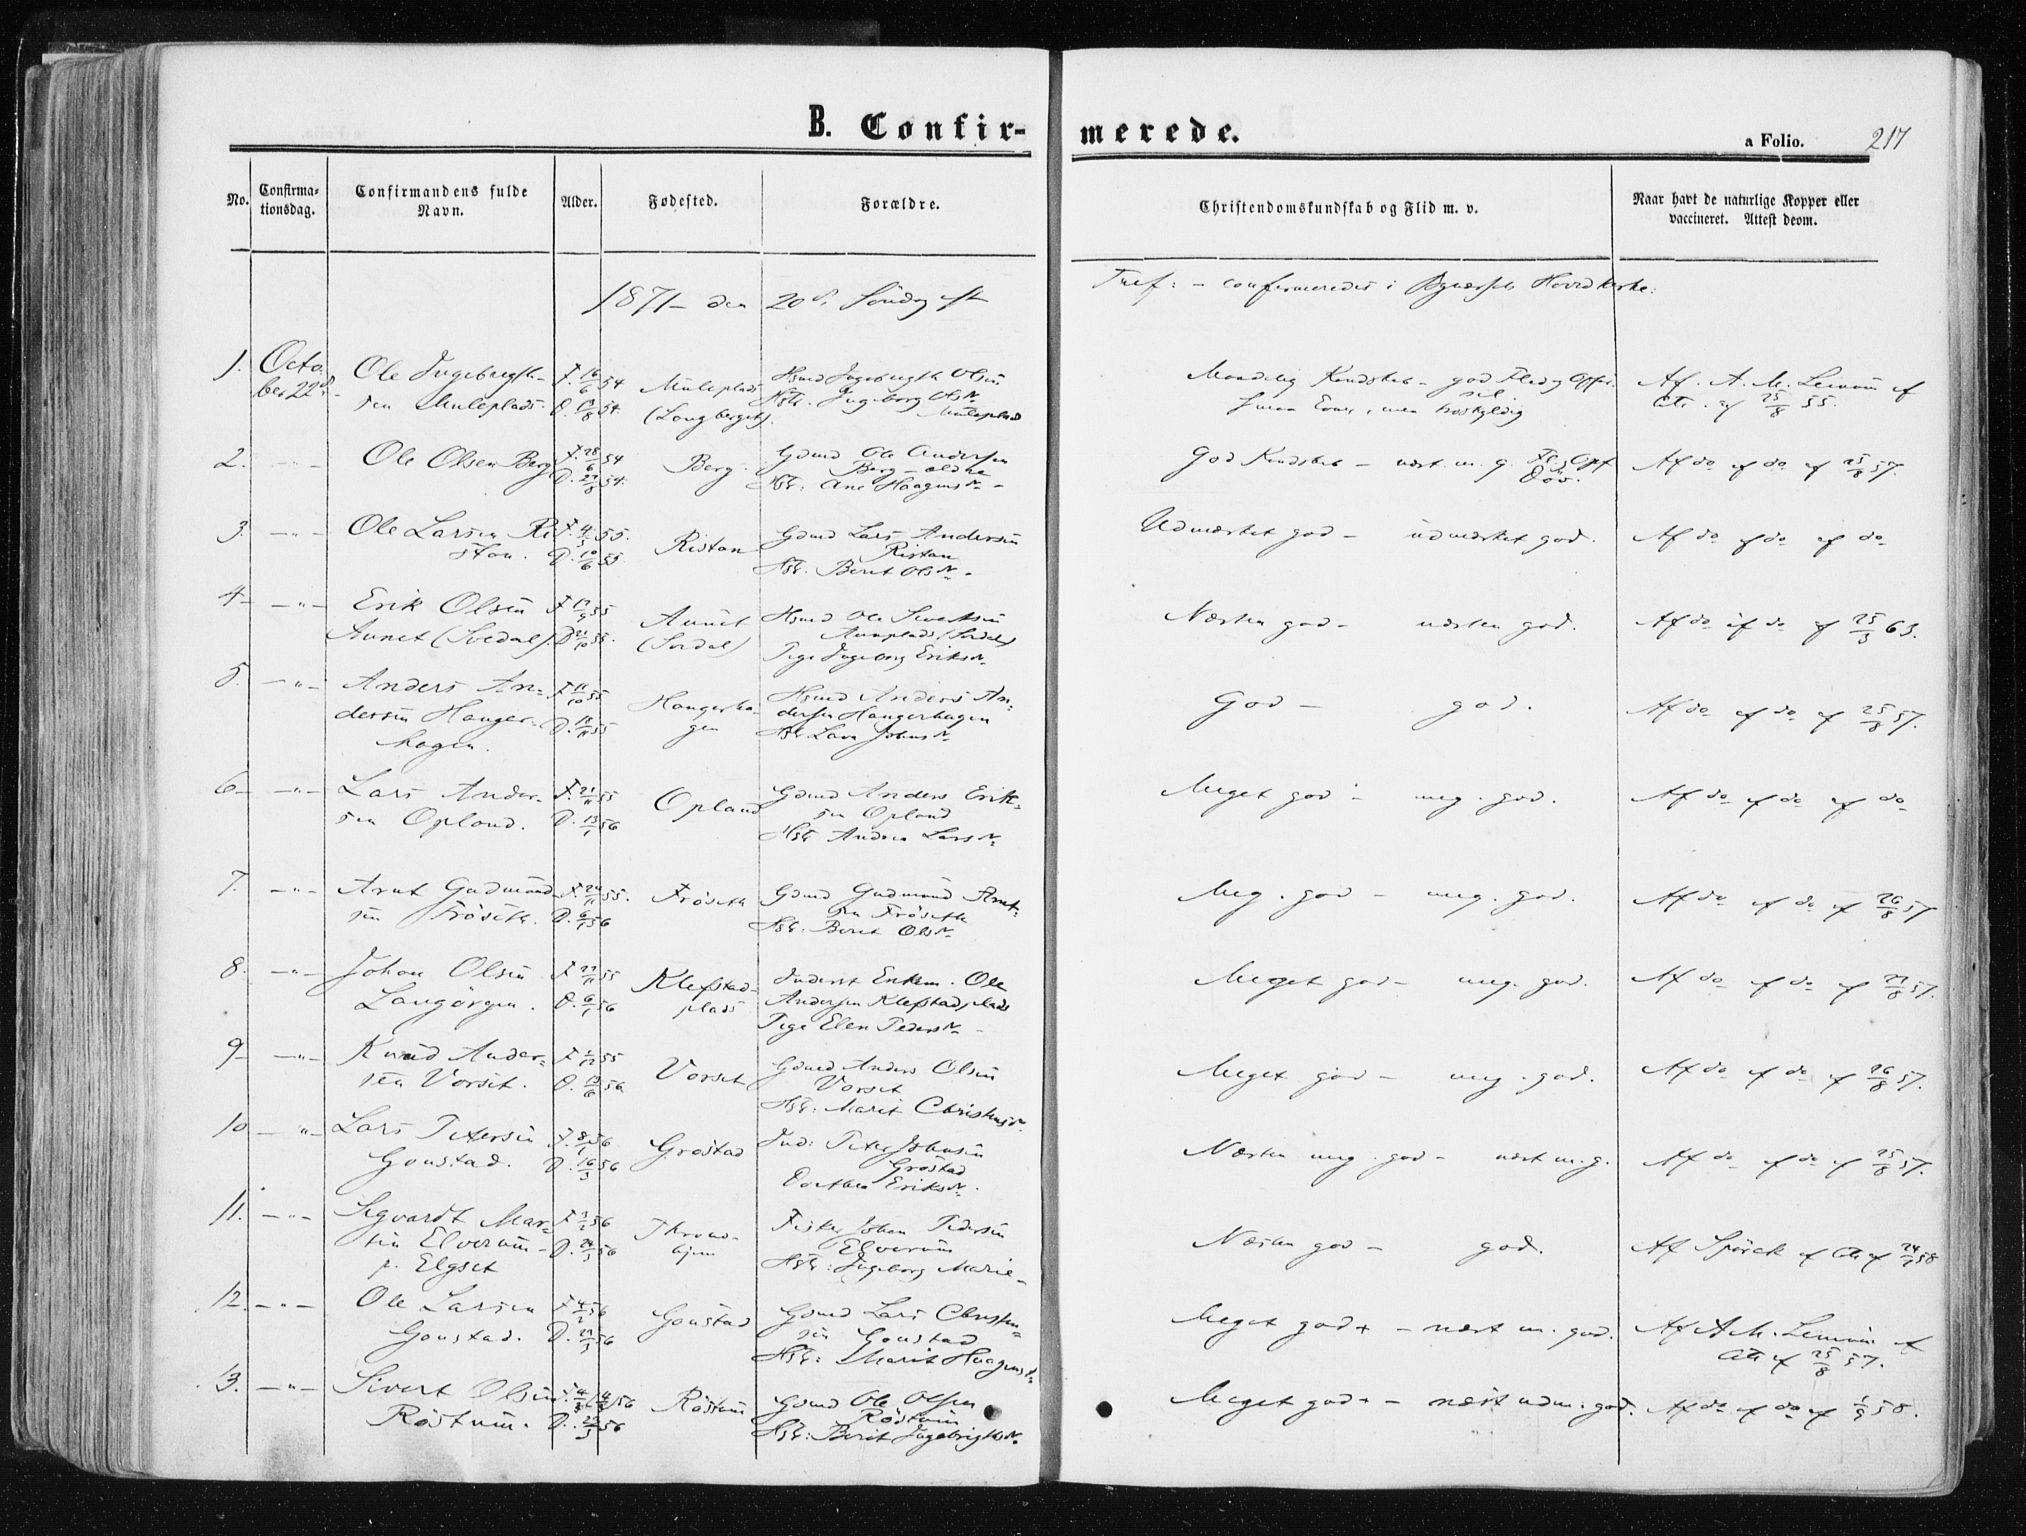 SAT, Ministerialprotokoller, klokkerbøker og fødselsregistre - Sør-Trøndelag, 612/L0377: Ministerialbok nr. 612A09, 1859-1877, s. 217